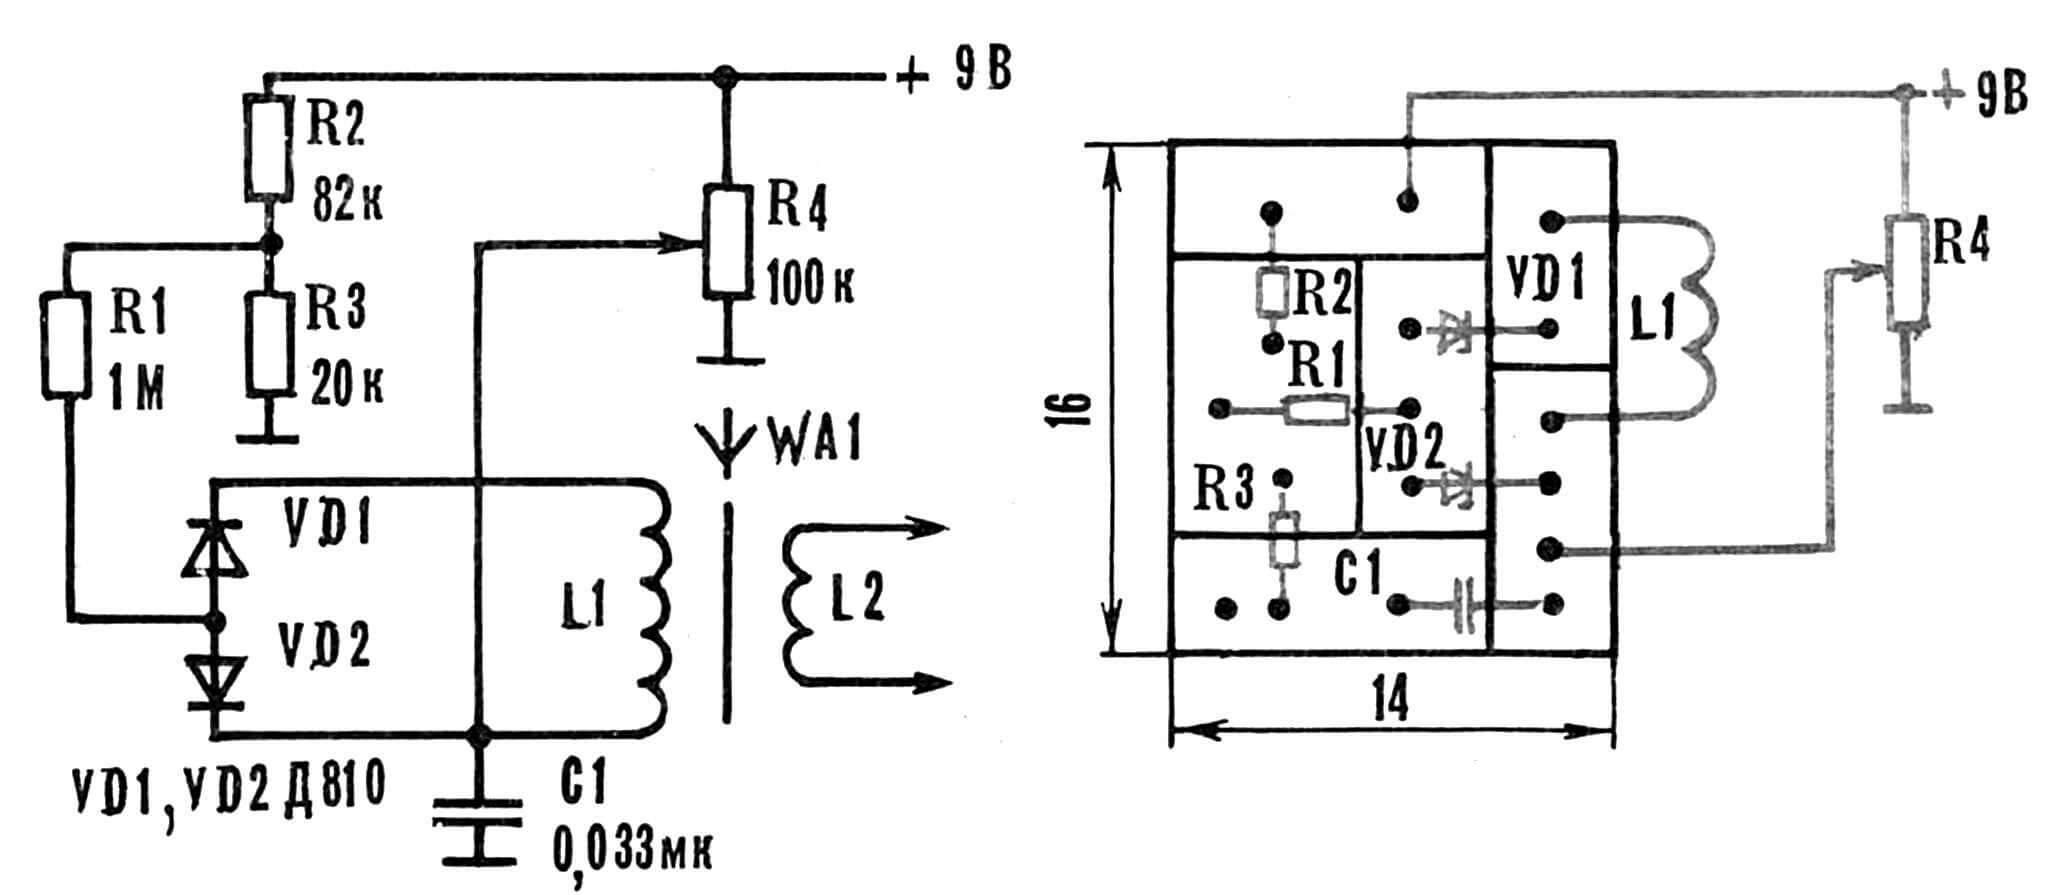 Рис. 2. Принципиальная электрическая схема ЭКПЕ, рекомендуемая для самодельных приемников.